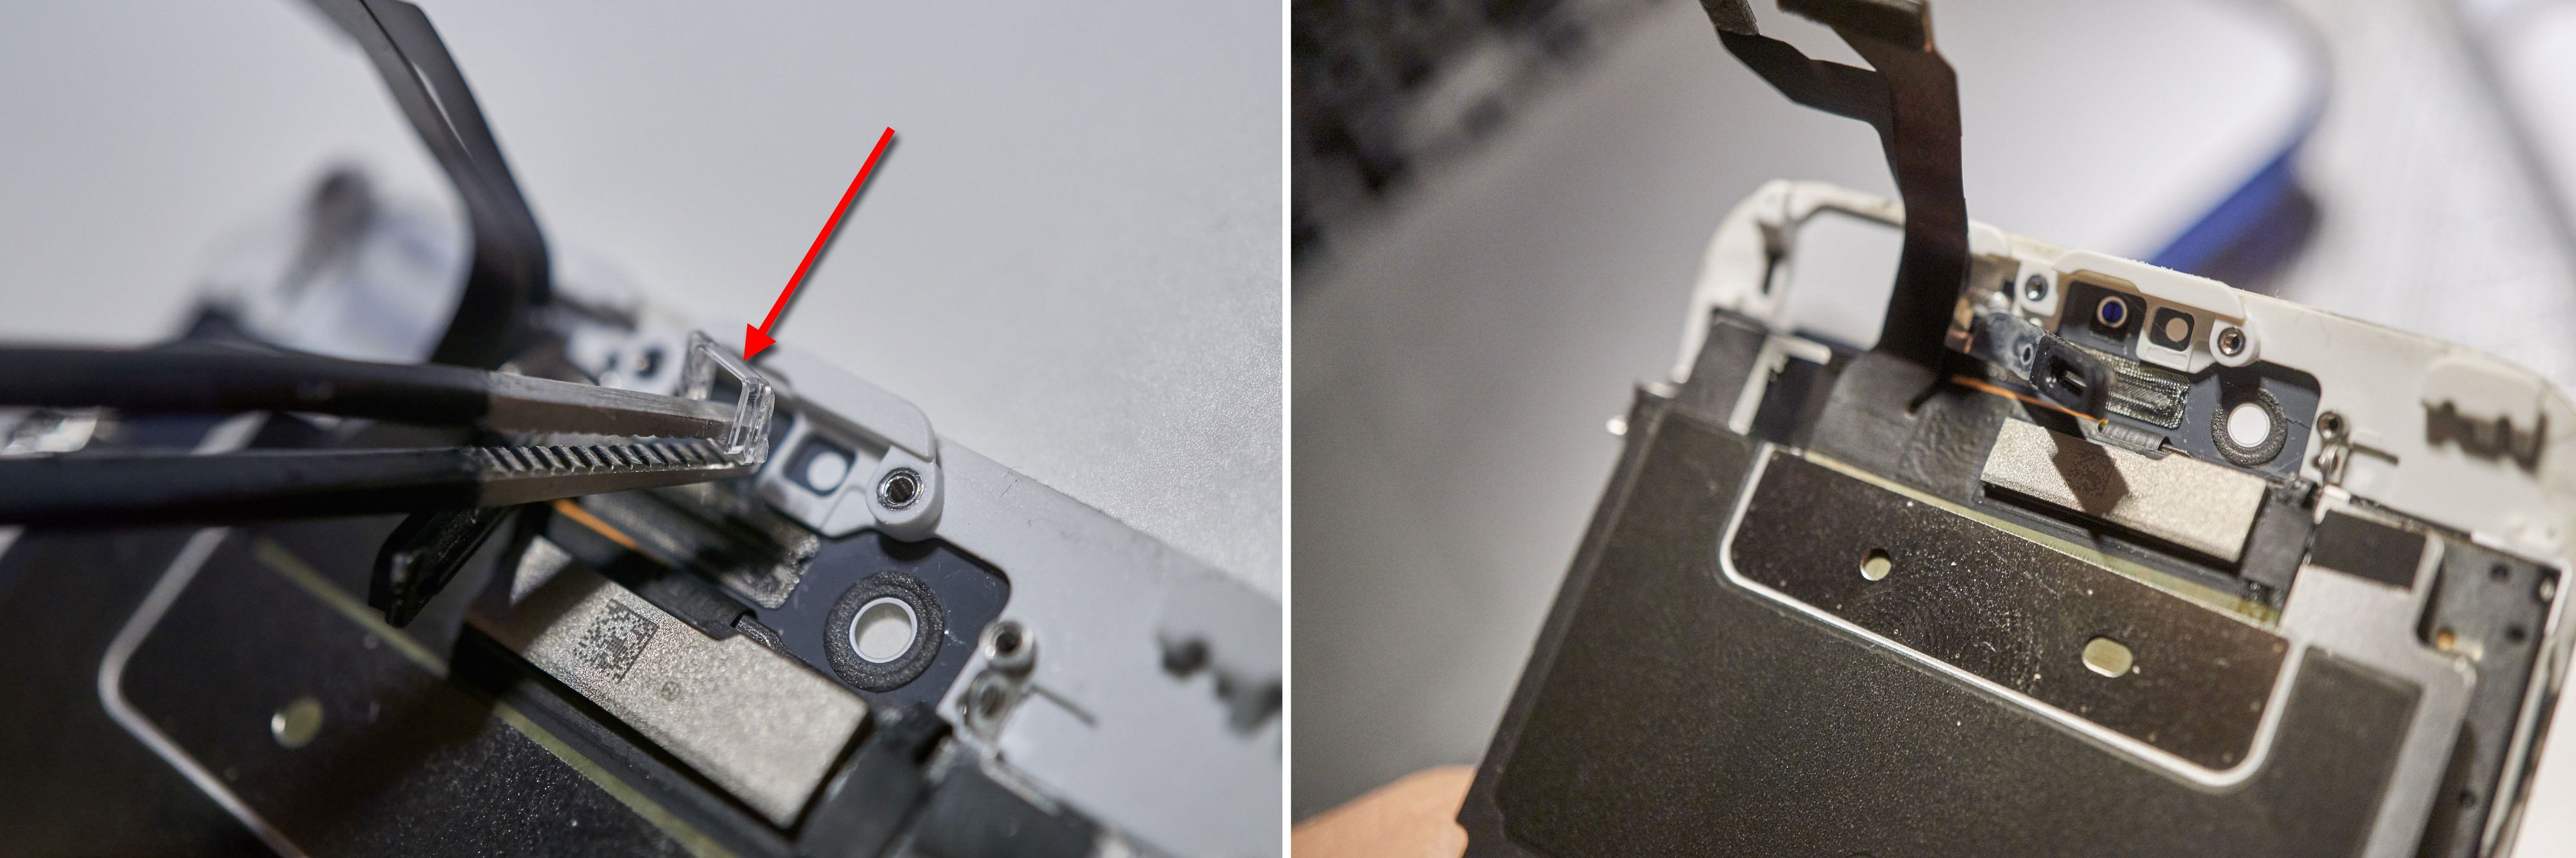 Enda en brakett må ut, og de to teipbitene LCD-skjoldet er festet til må kuttes.